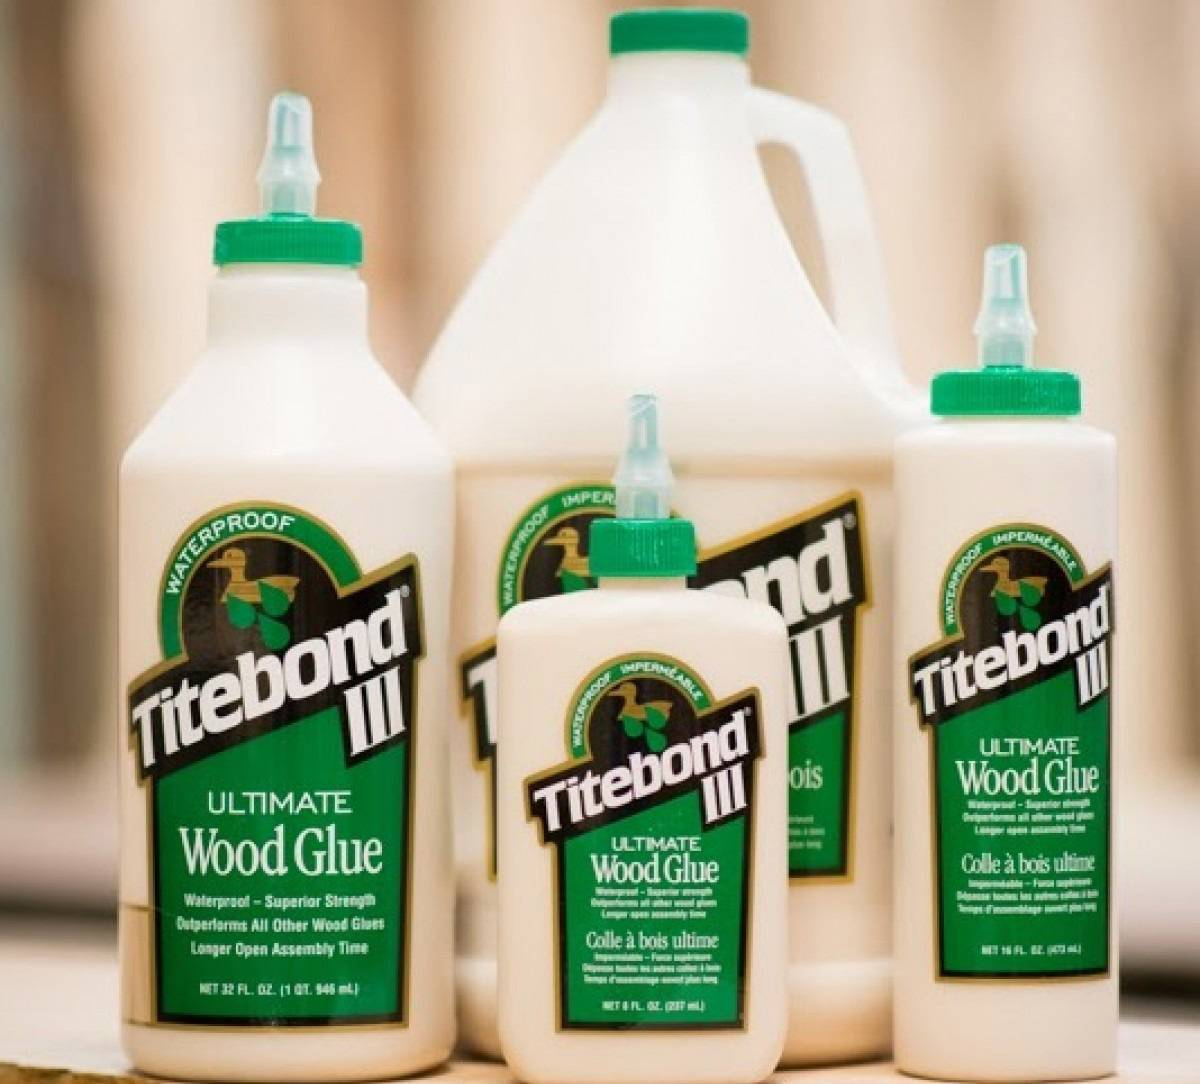 Клей titebond для дерева: характеристики, инструкция